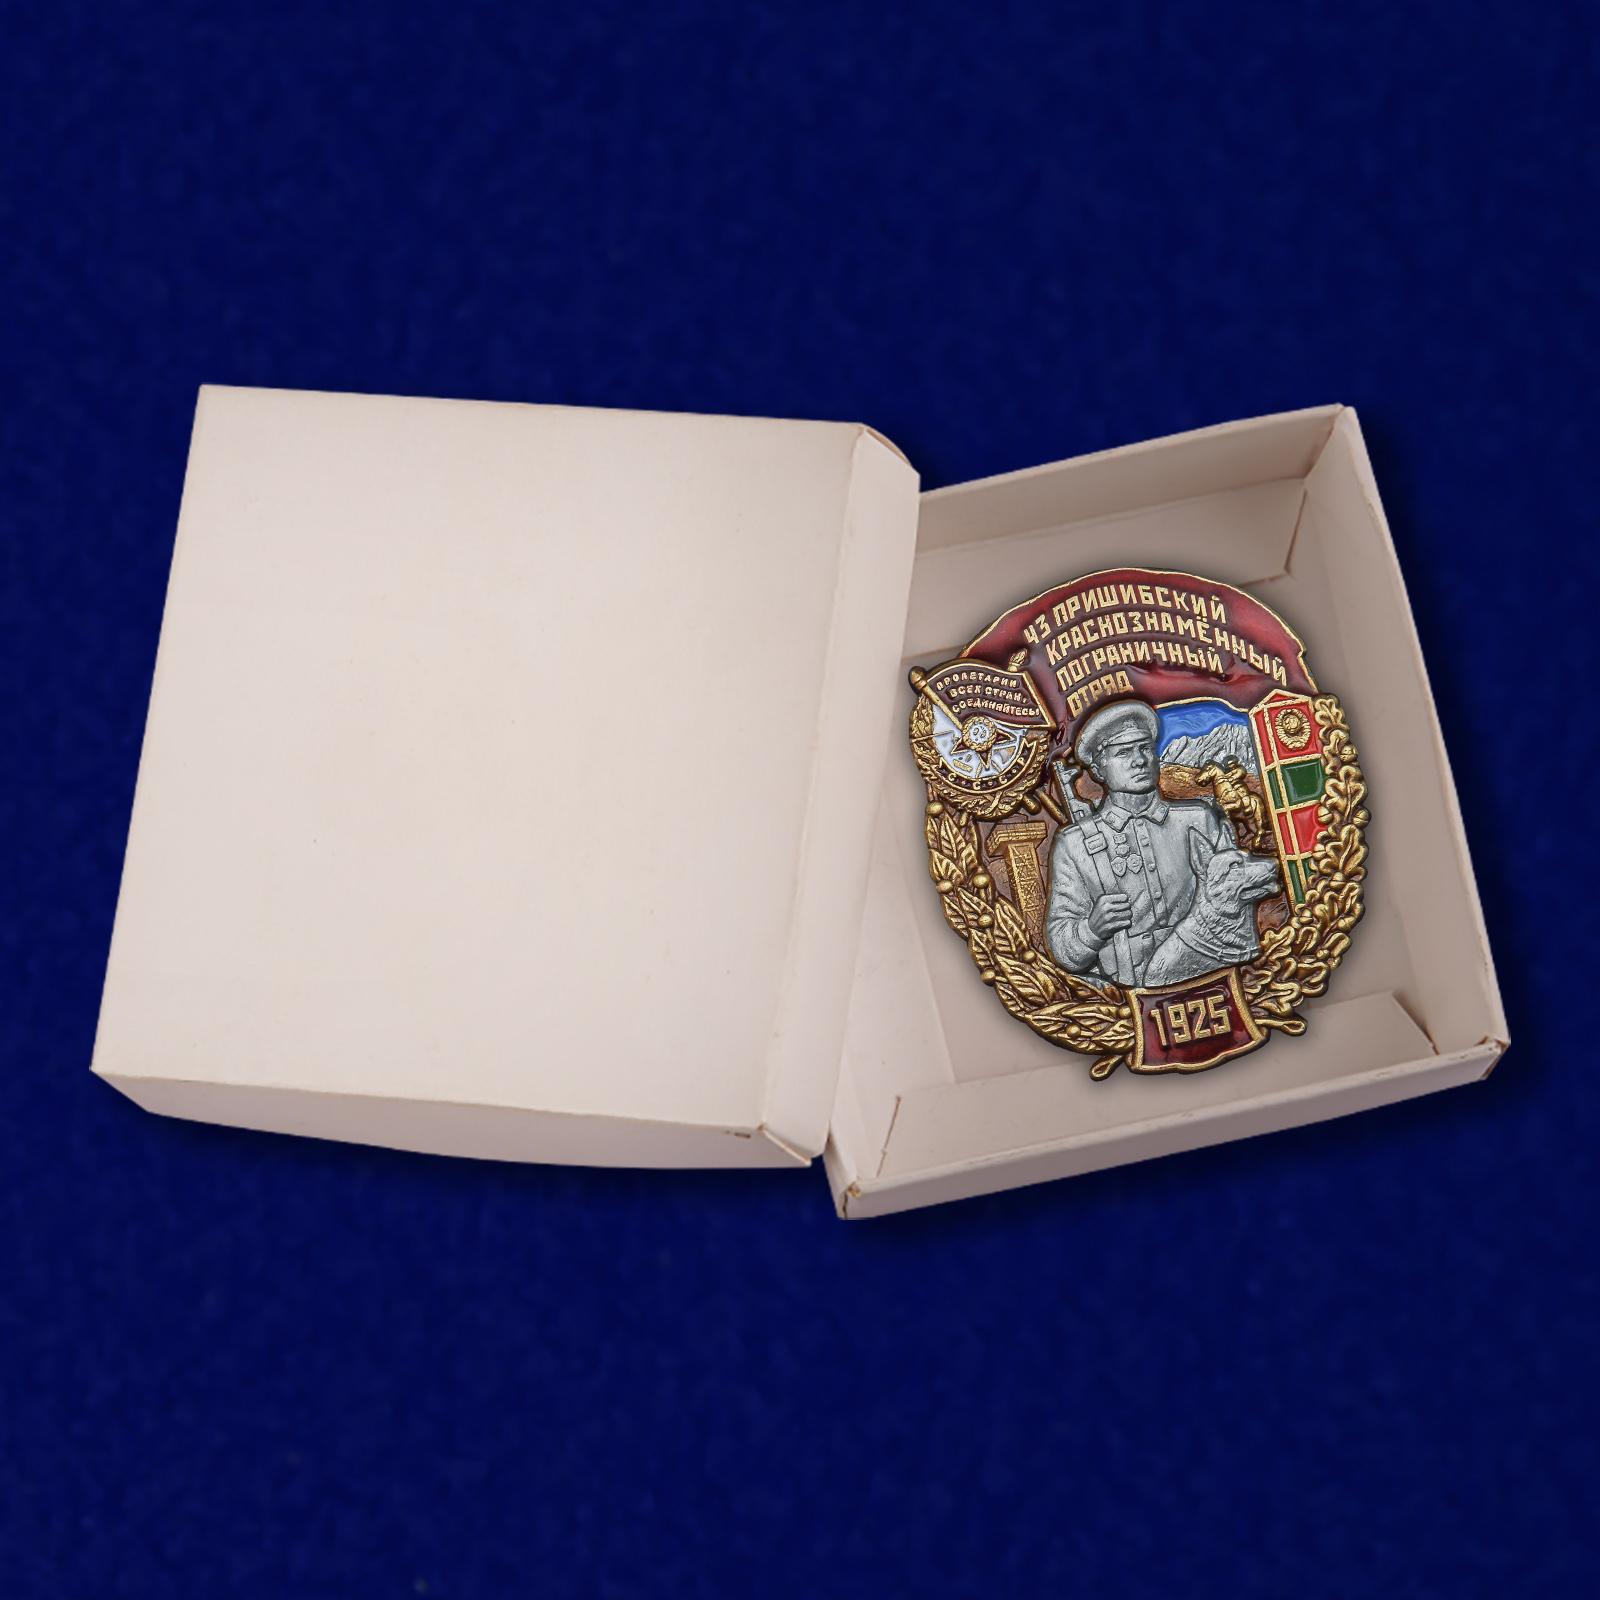 Знак 43 Пришибский Краснознамённый погранотряд - в коробке